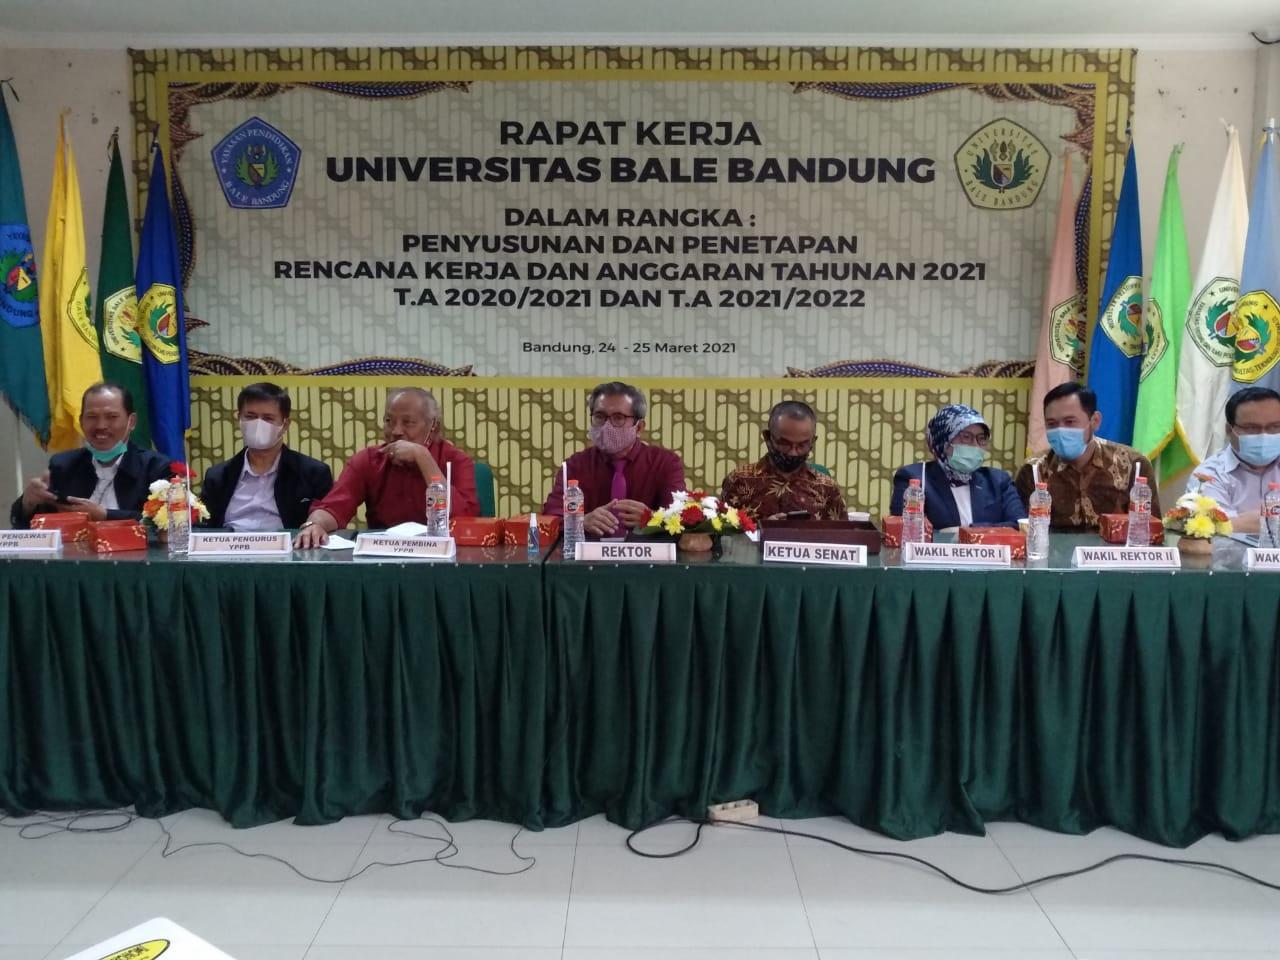 Rapat Kerja Penyusunan dan Penetapan RKAT Universitas Bale Bandung Tahun Anggaran 2021